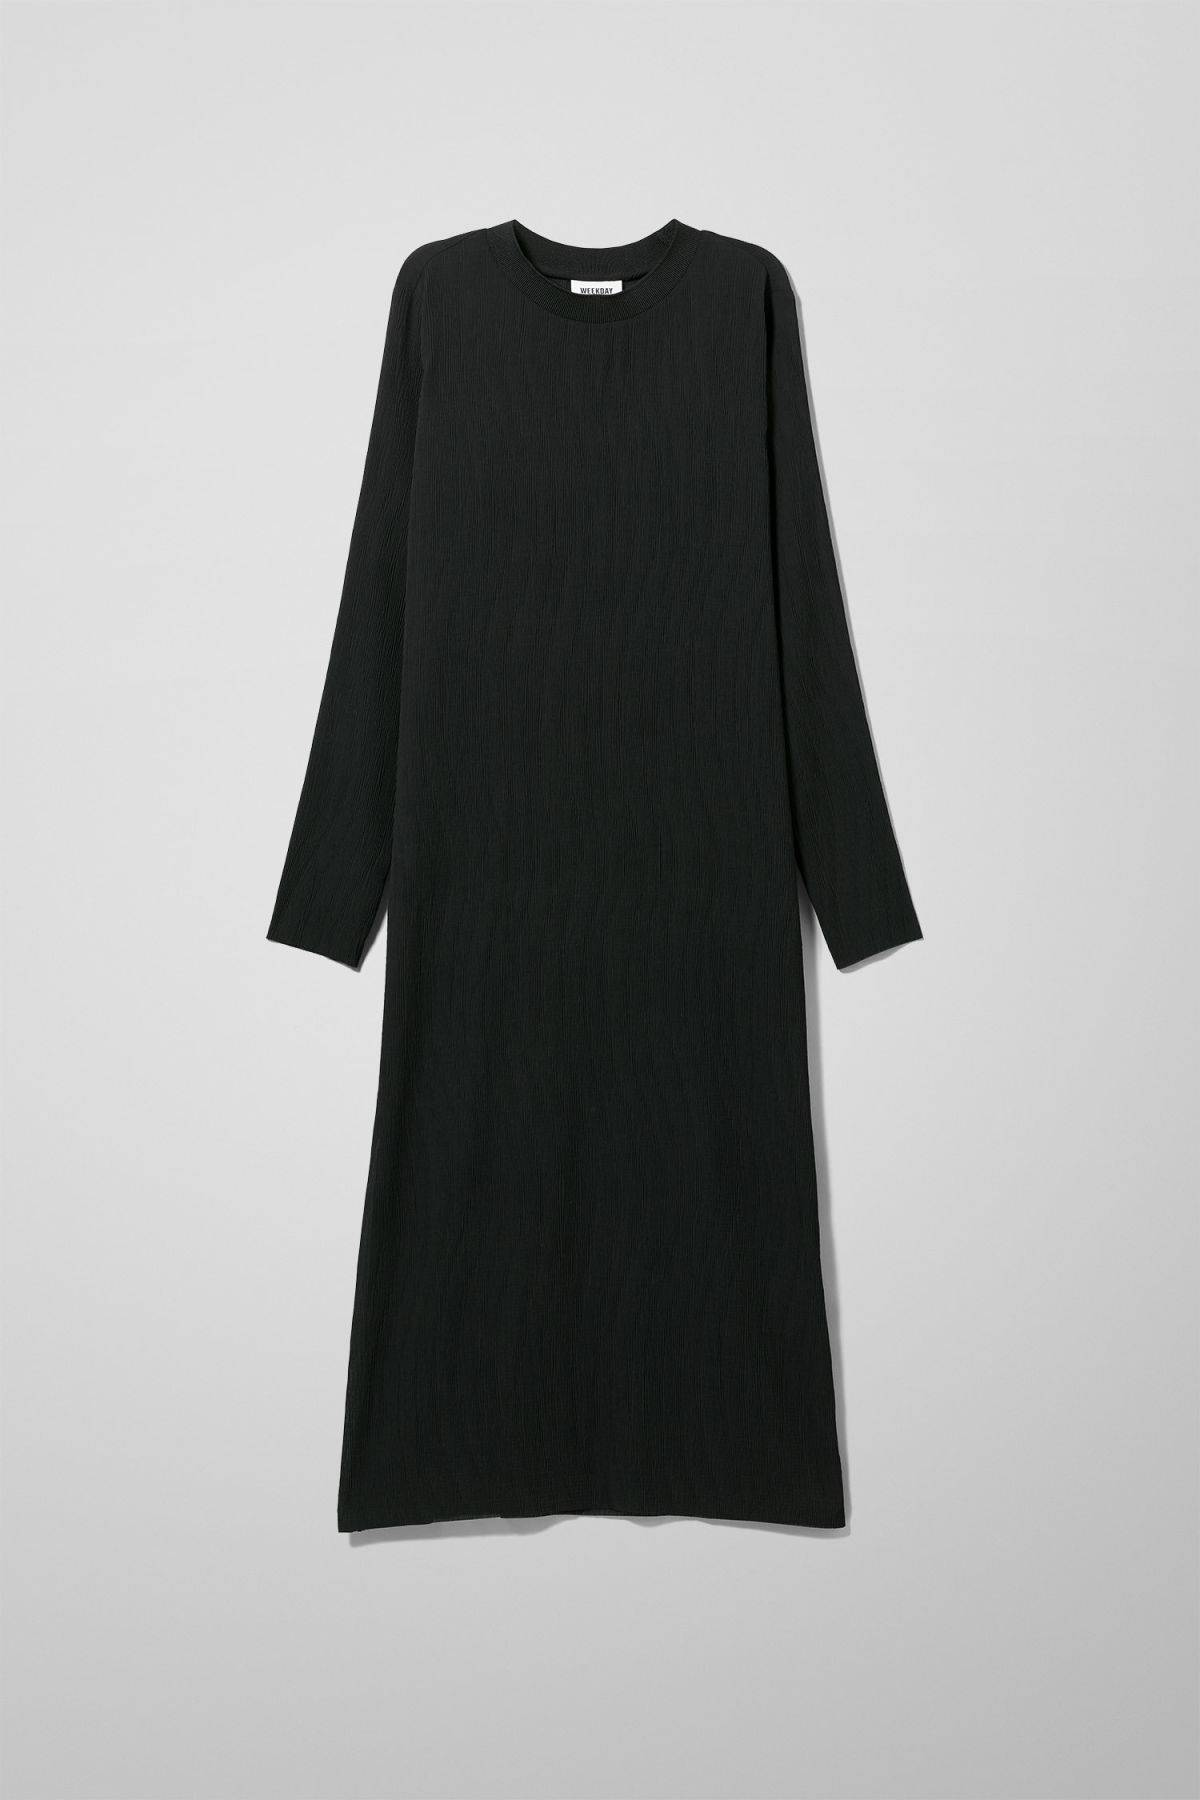 Image of Waverly Pleated Dress - Black-34